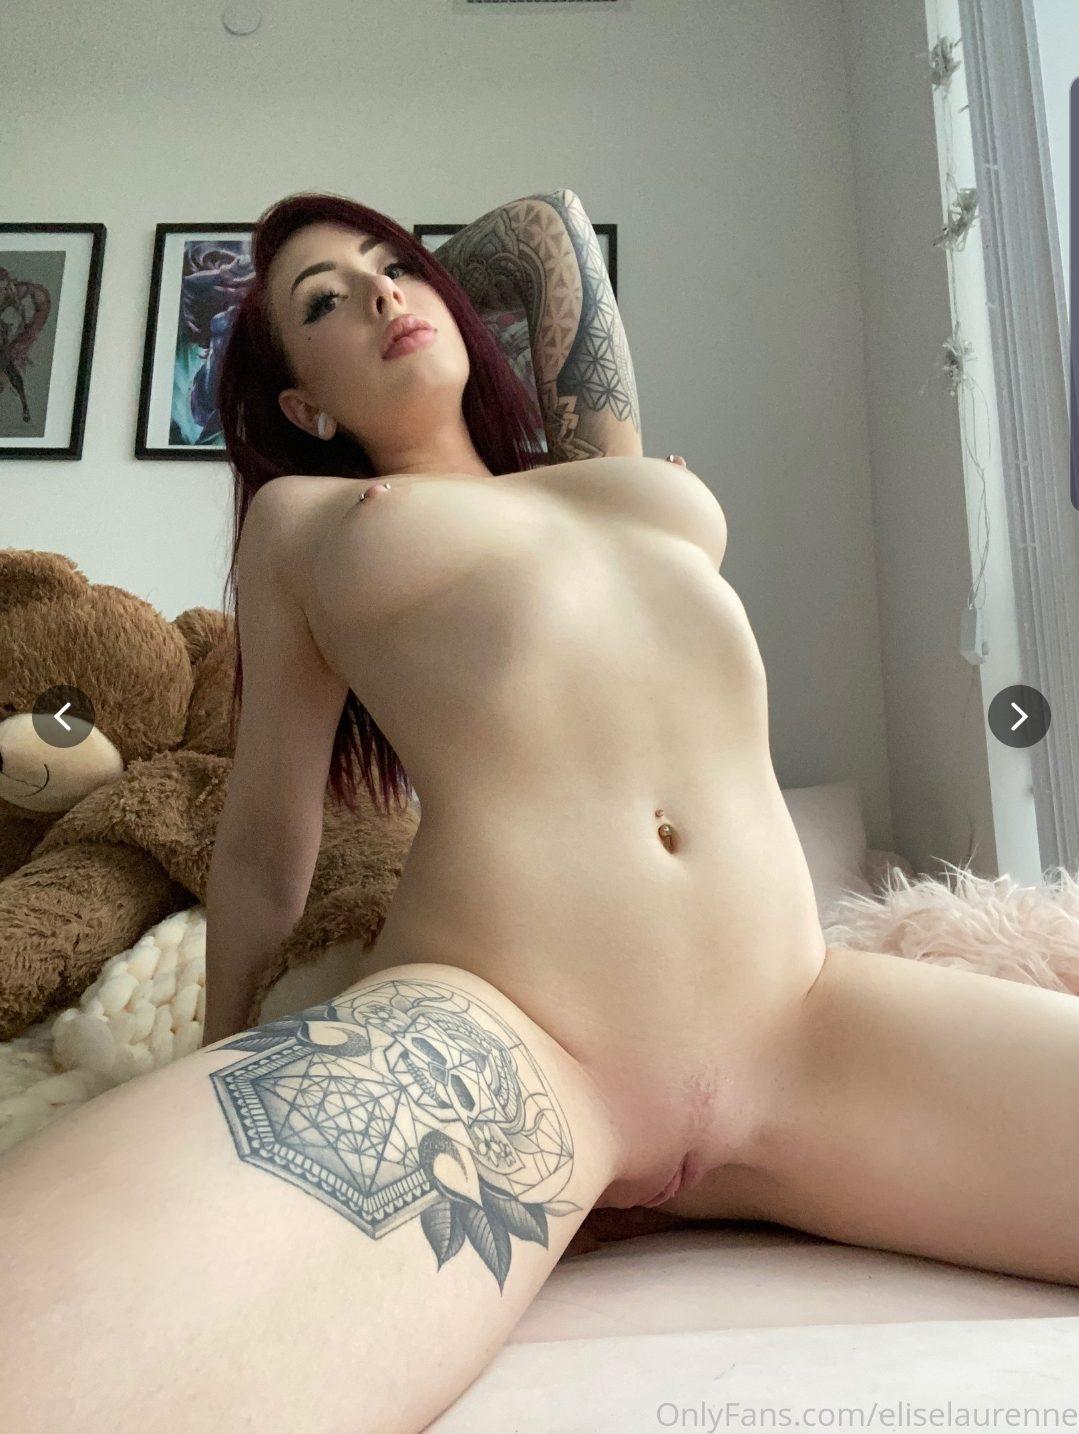 Elise laurenne naked